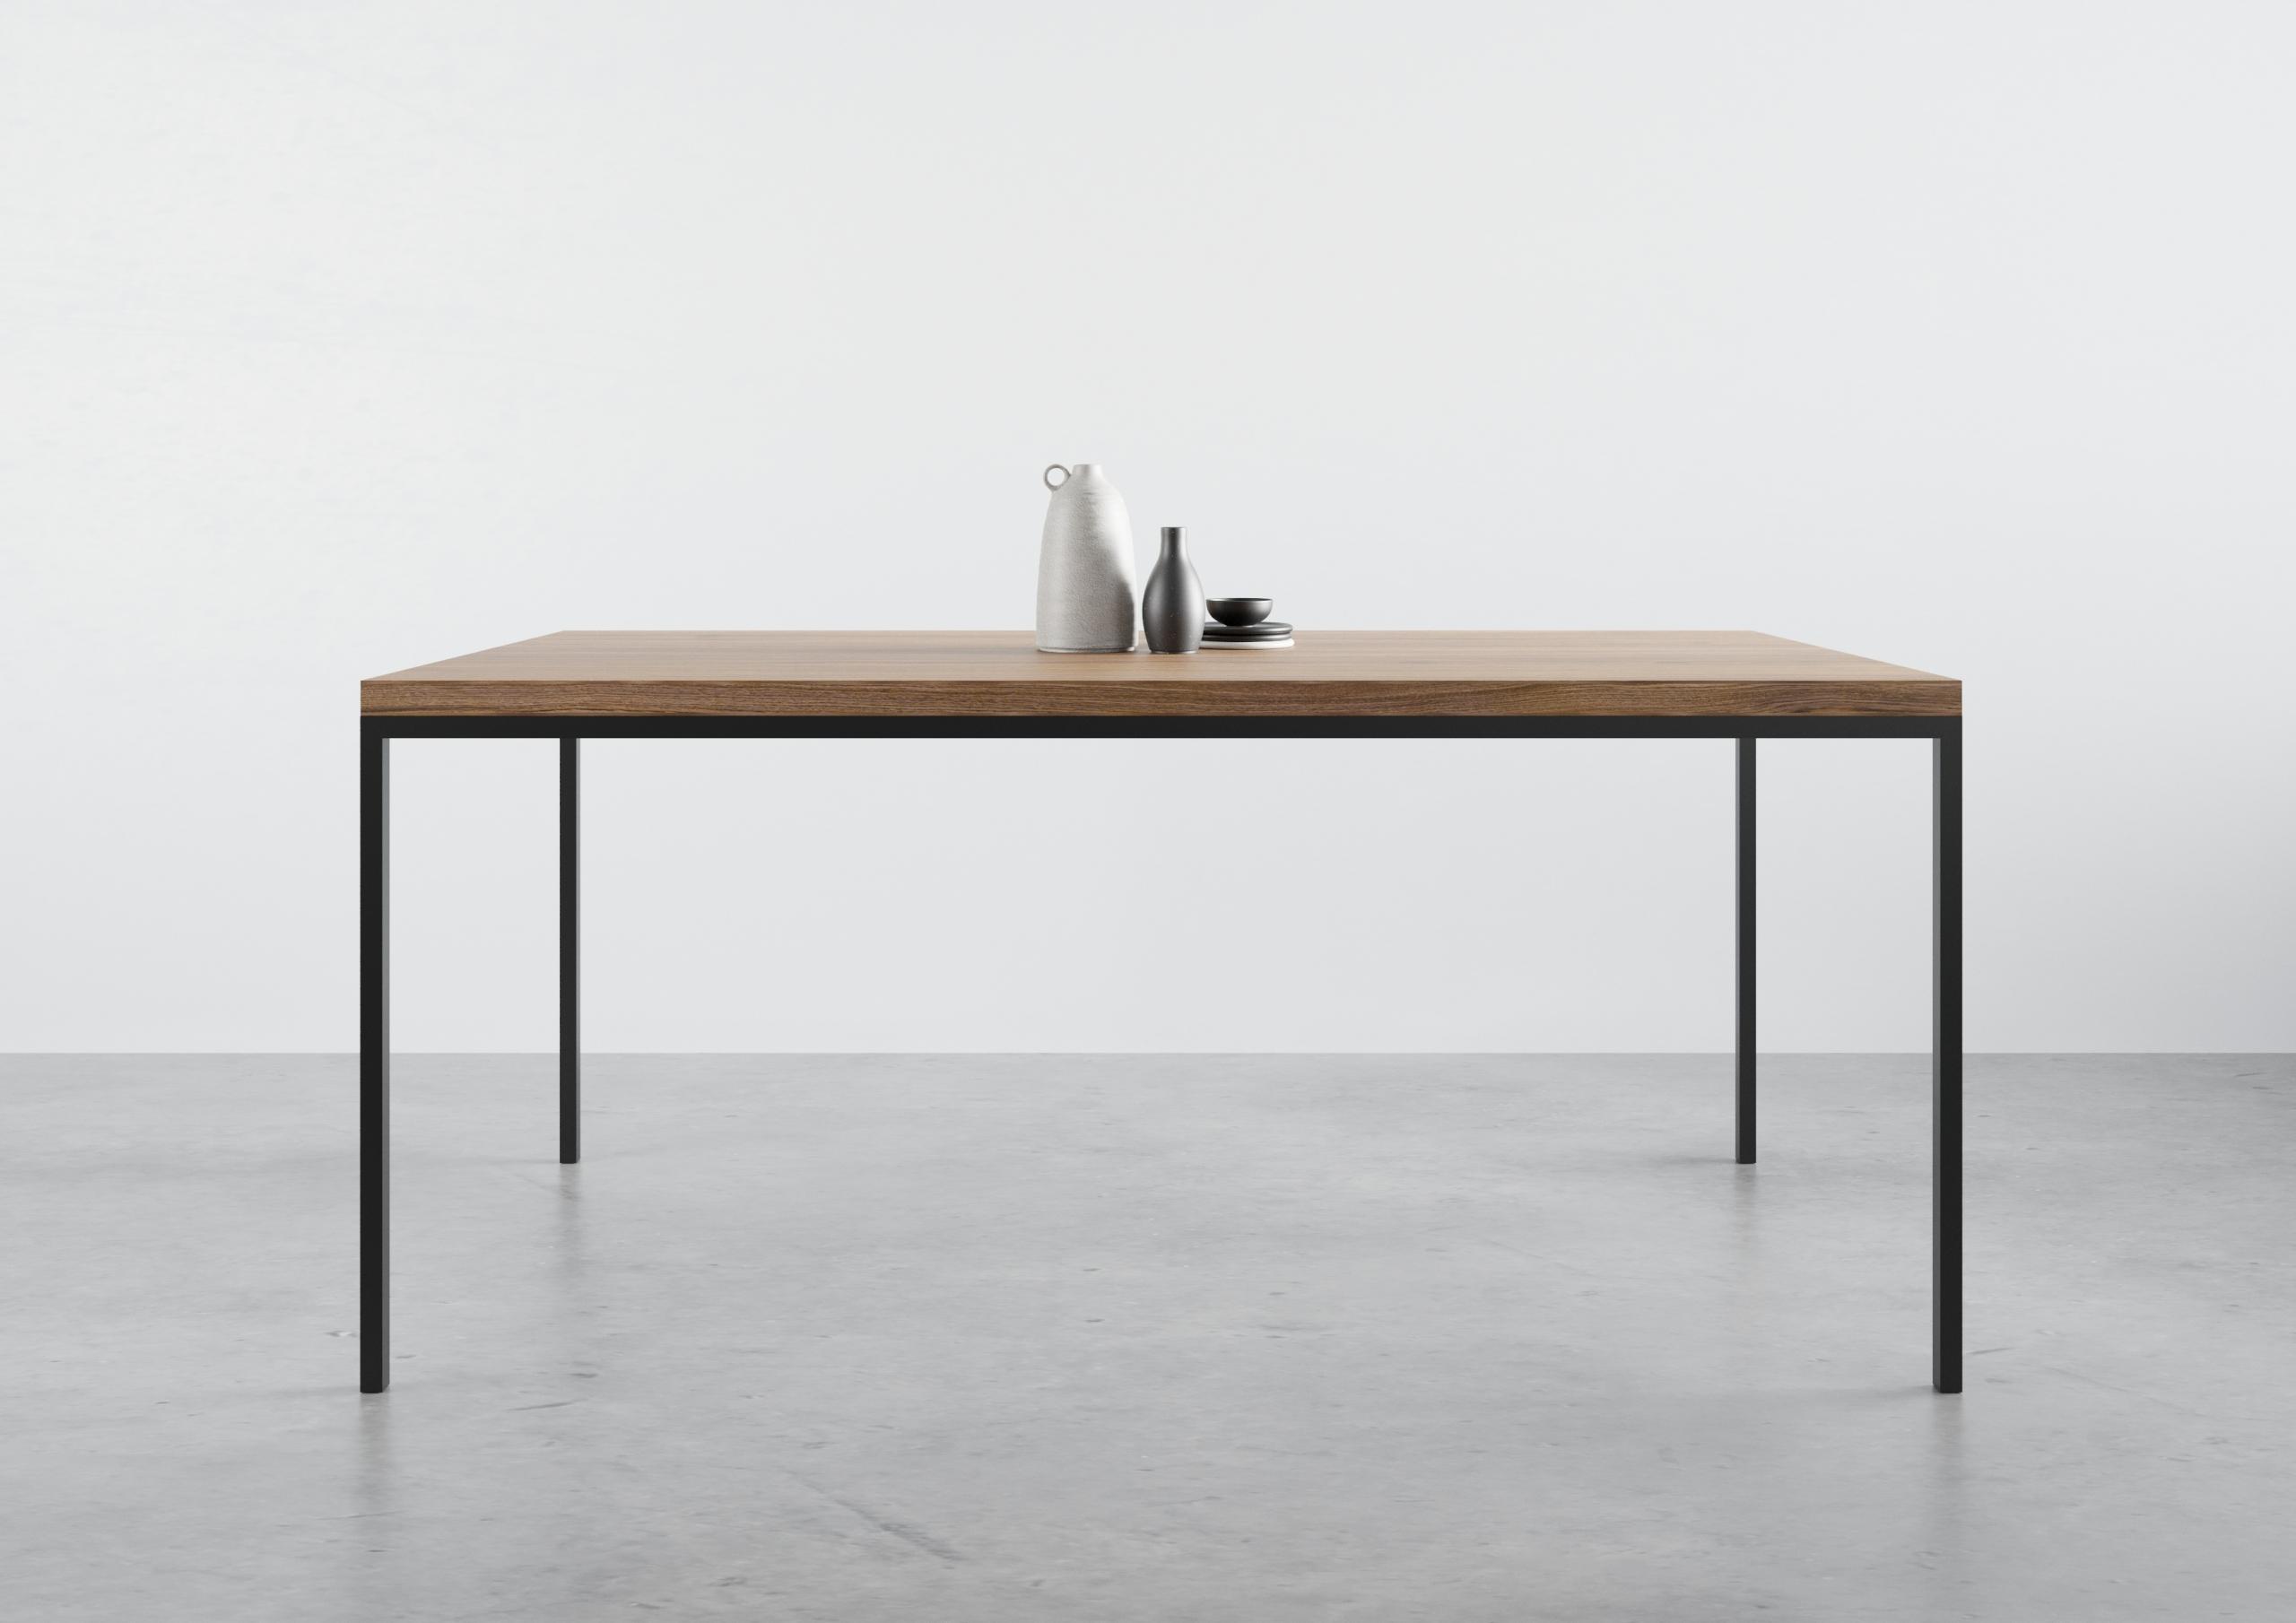 ST 14, stół dębowy do jadalni, producent stołów, prosty stół do jadalny, funkcjonalny stół do jadalni, stół 120 cm 140 cm 160 cm, stół do jadalni, prosta krawędź, rozkładany stół, praktyczny stół dębowy